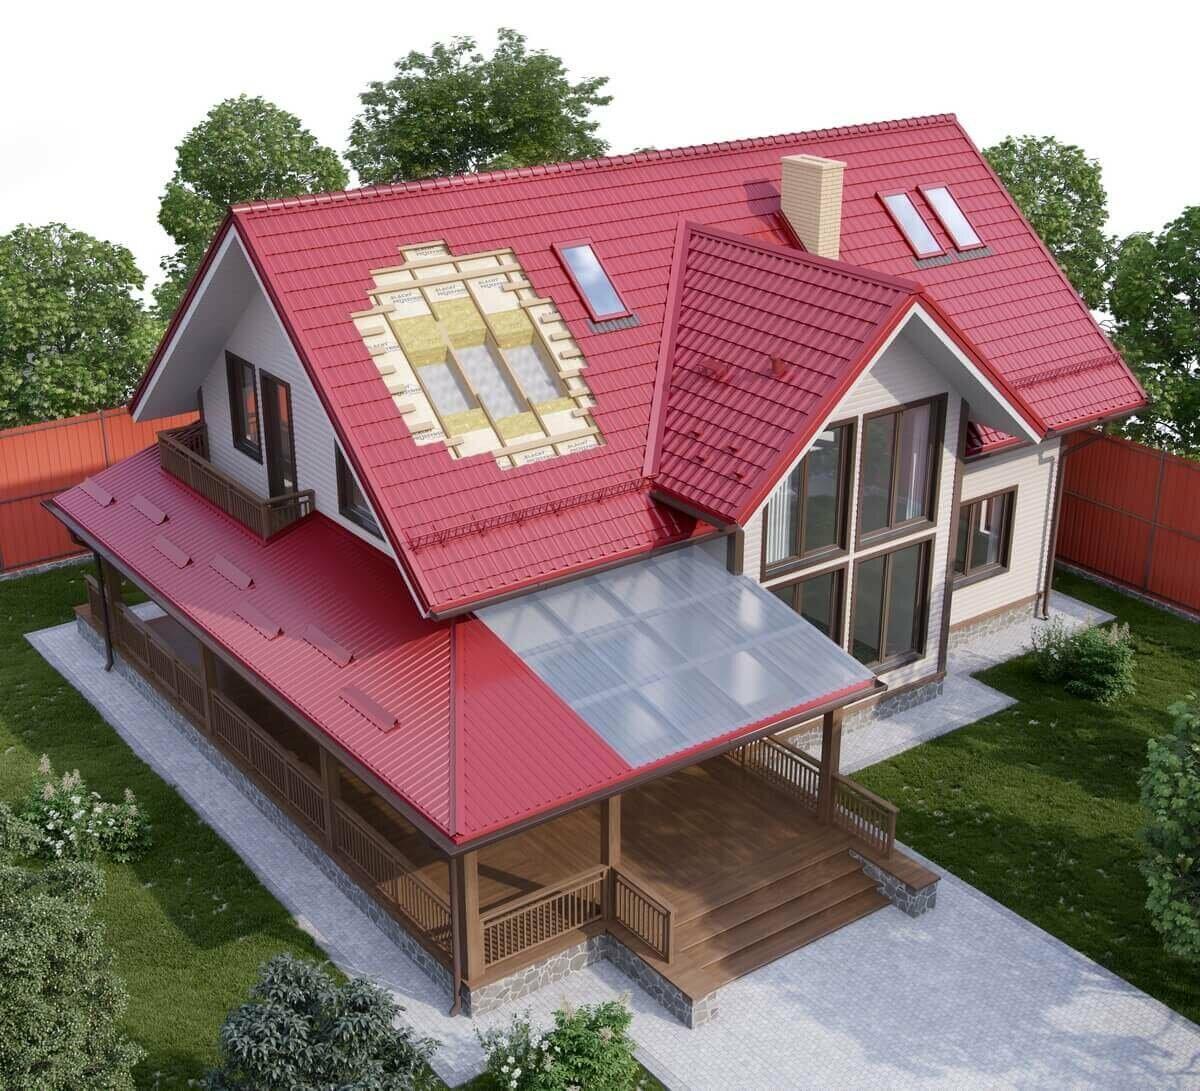 крыша для загородного дома в картинках паркетной доски инженерной